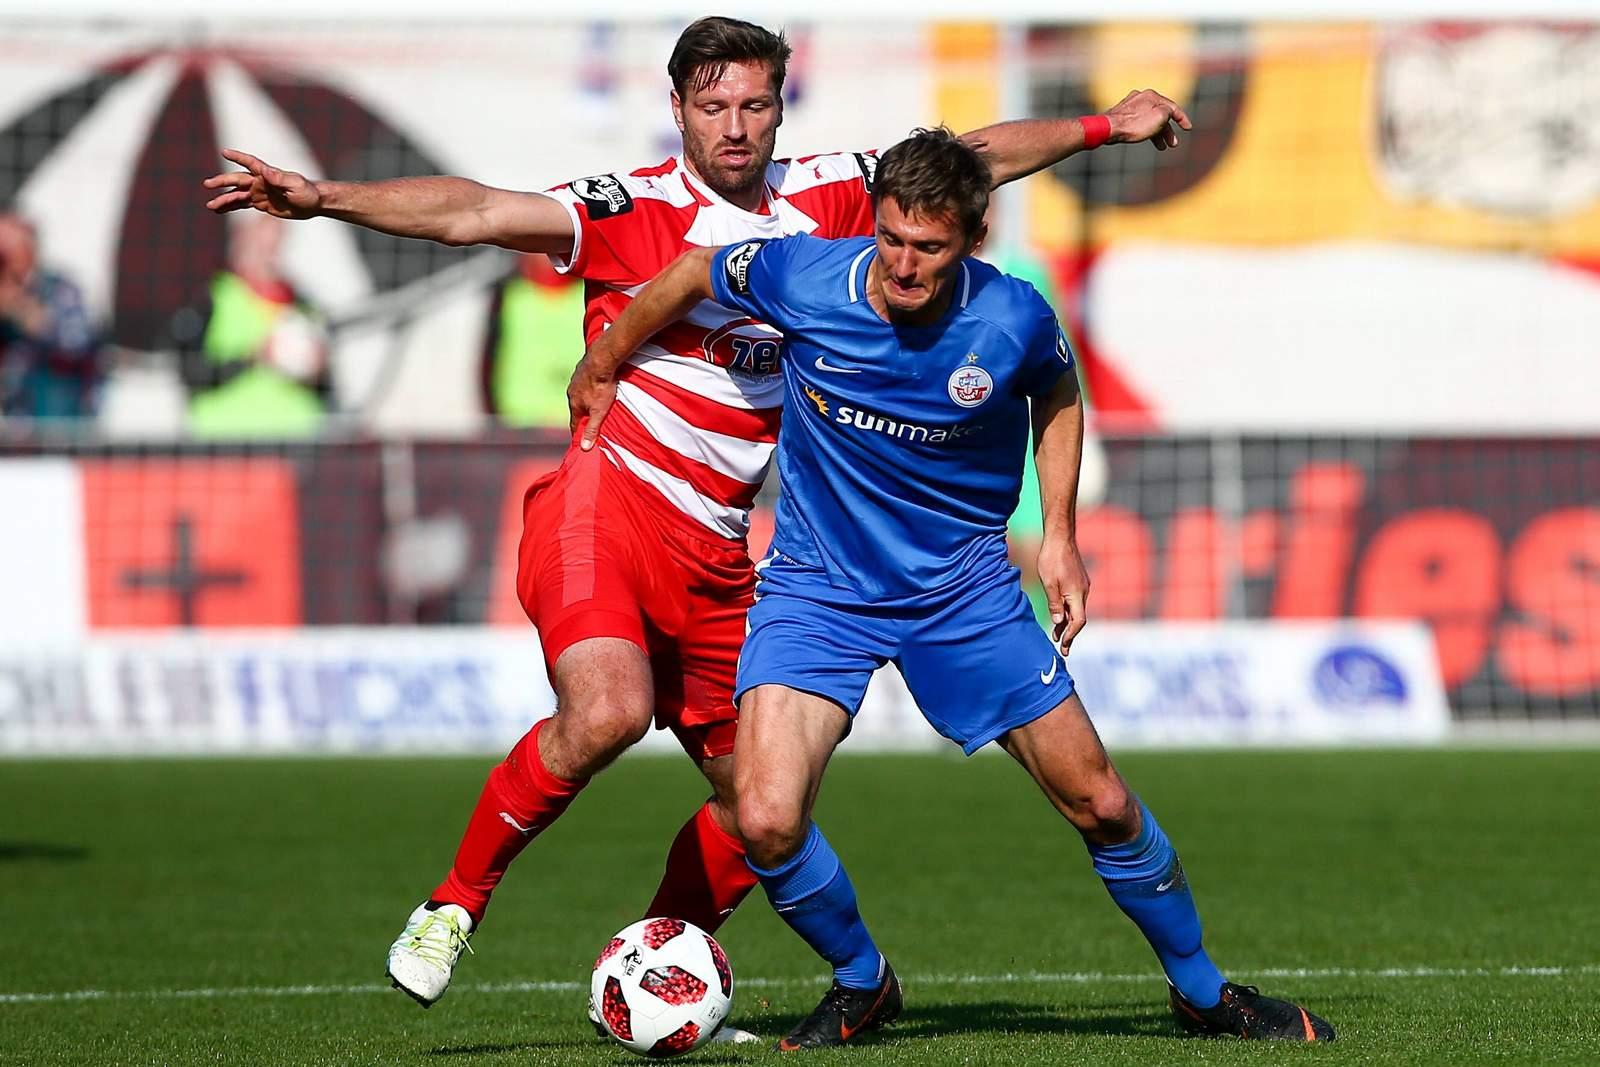 Kai Bülow von Hansa Rostock gegen Ronny König vom FSV Zwickau